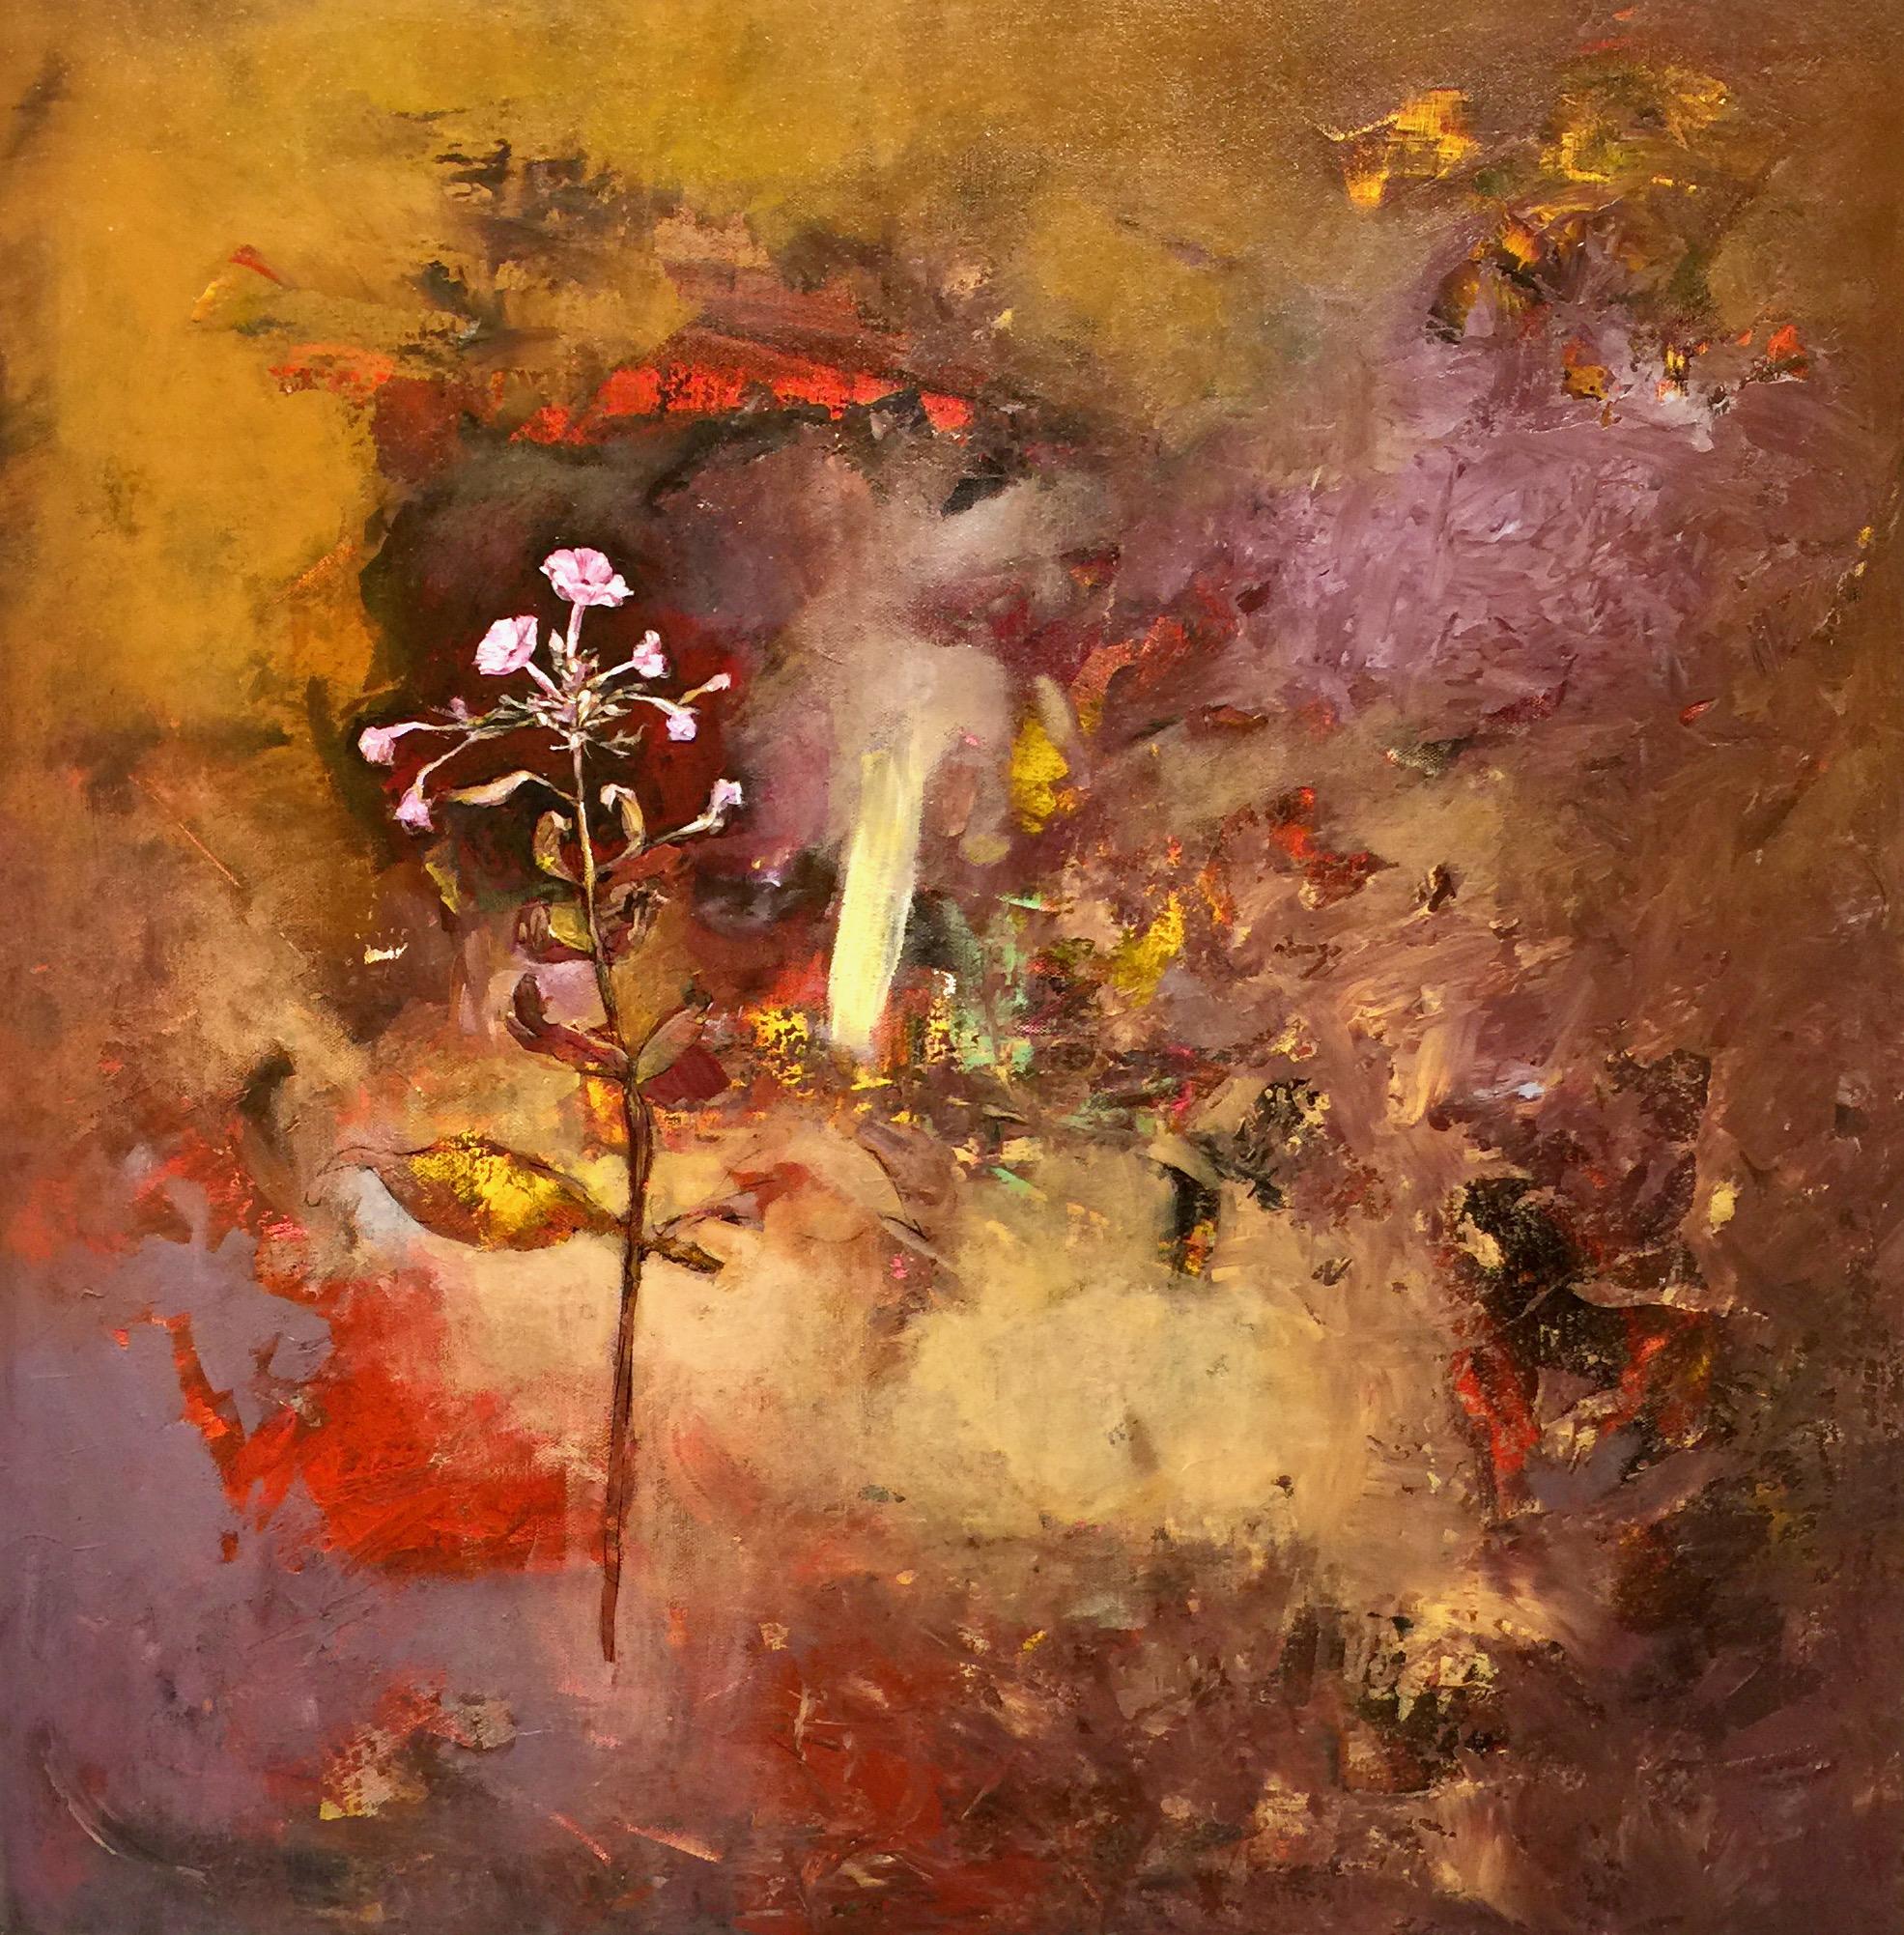 Oleg Bondarenko - Purple garden I, oljemålning